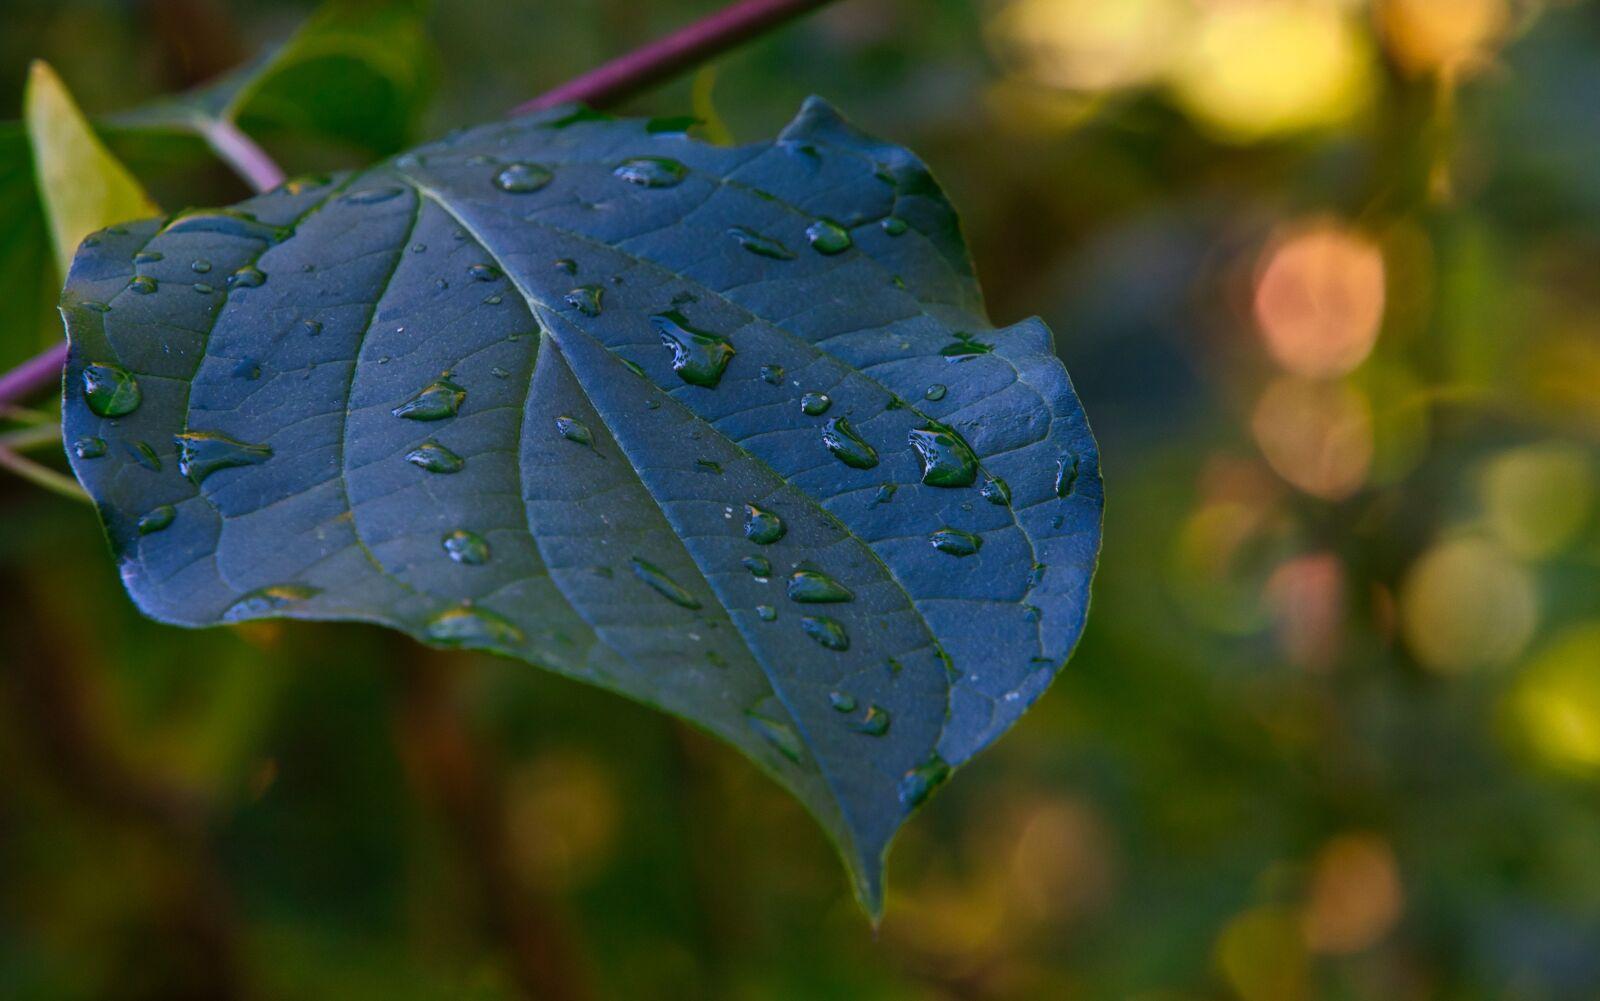 """Sony a6400 sample photo. """"Leaf, autumn, rain"""" photography"""